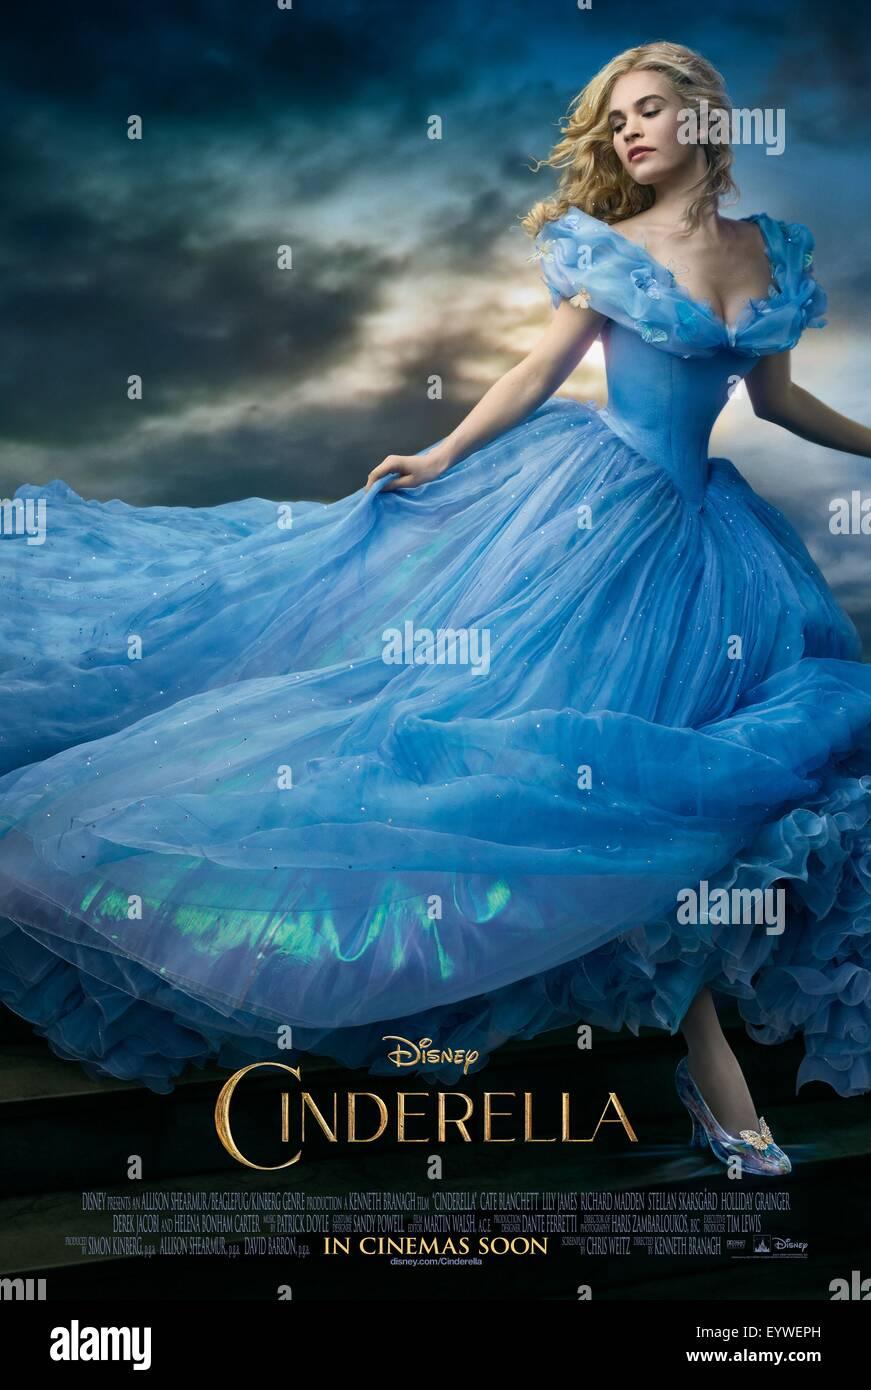 pretty woman cinderella